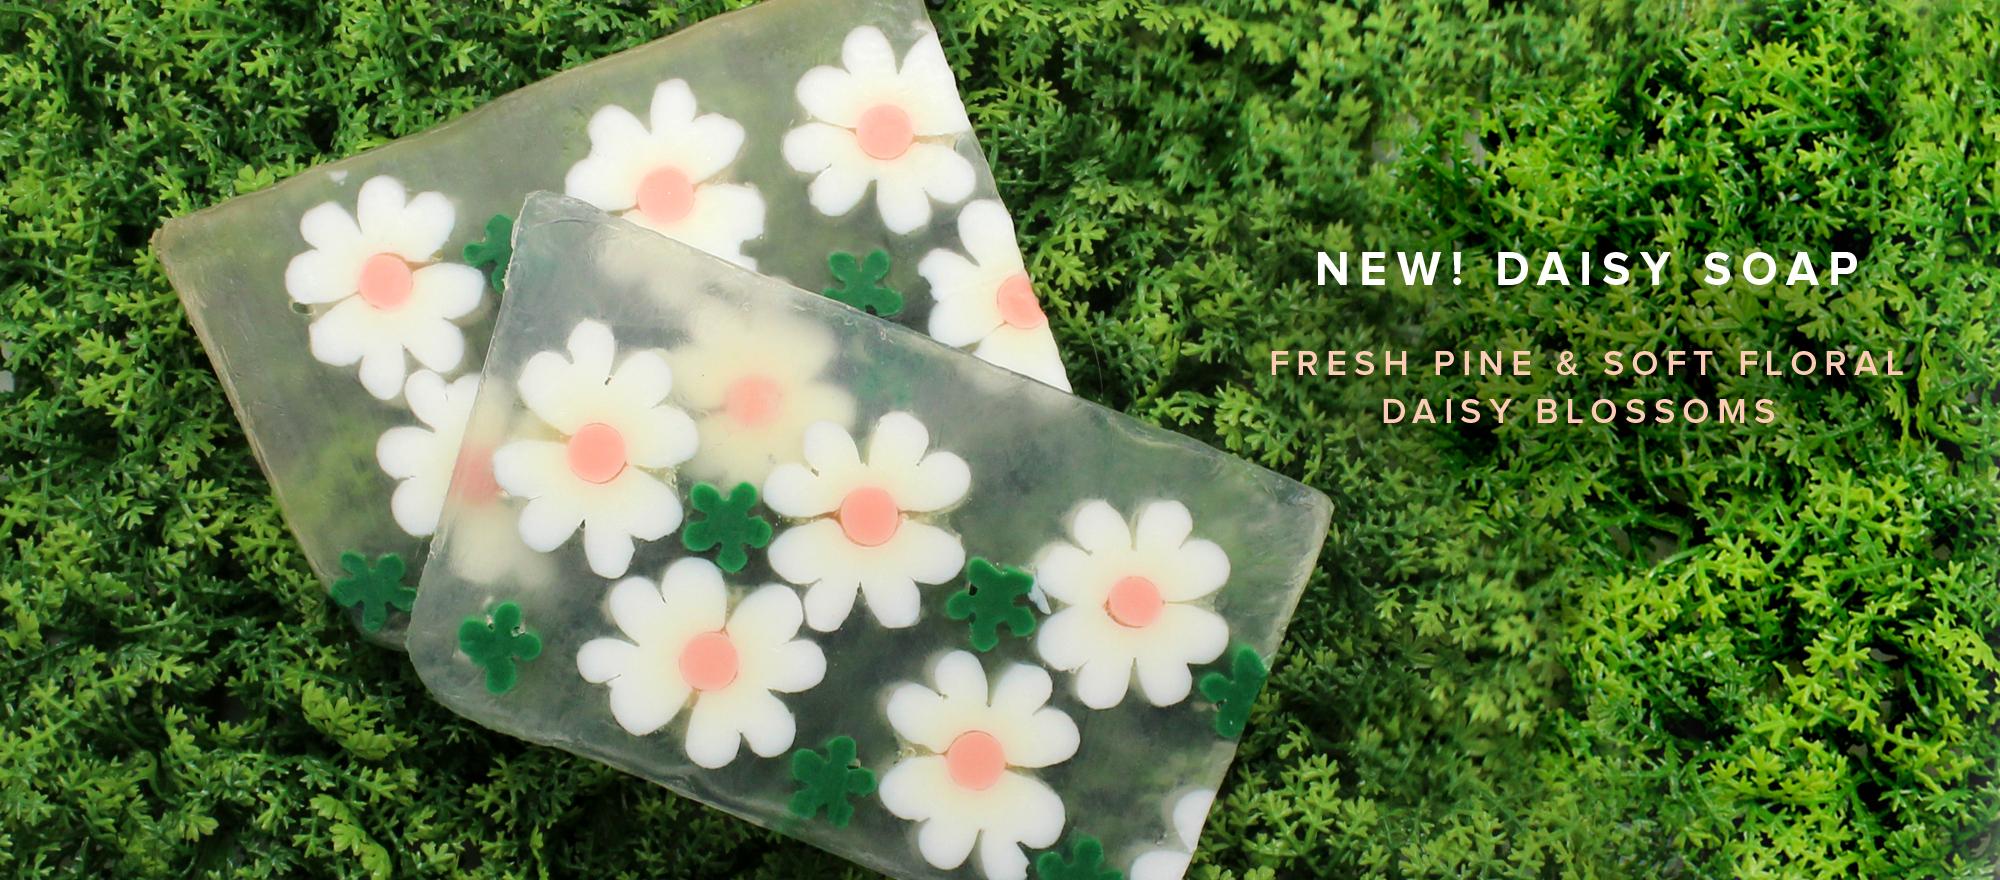 NEW! Daisy Soap